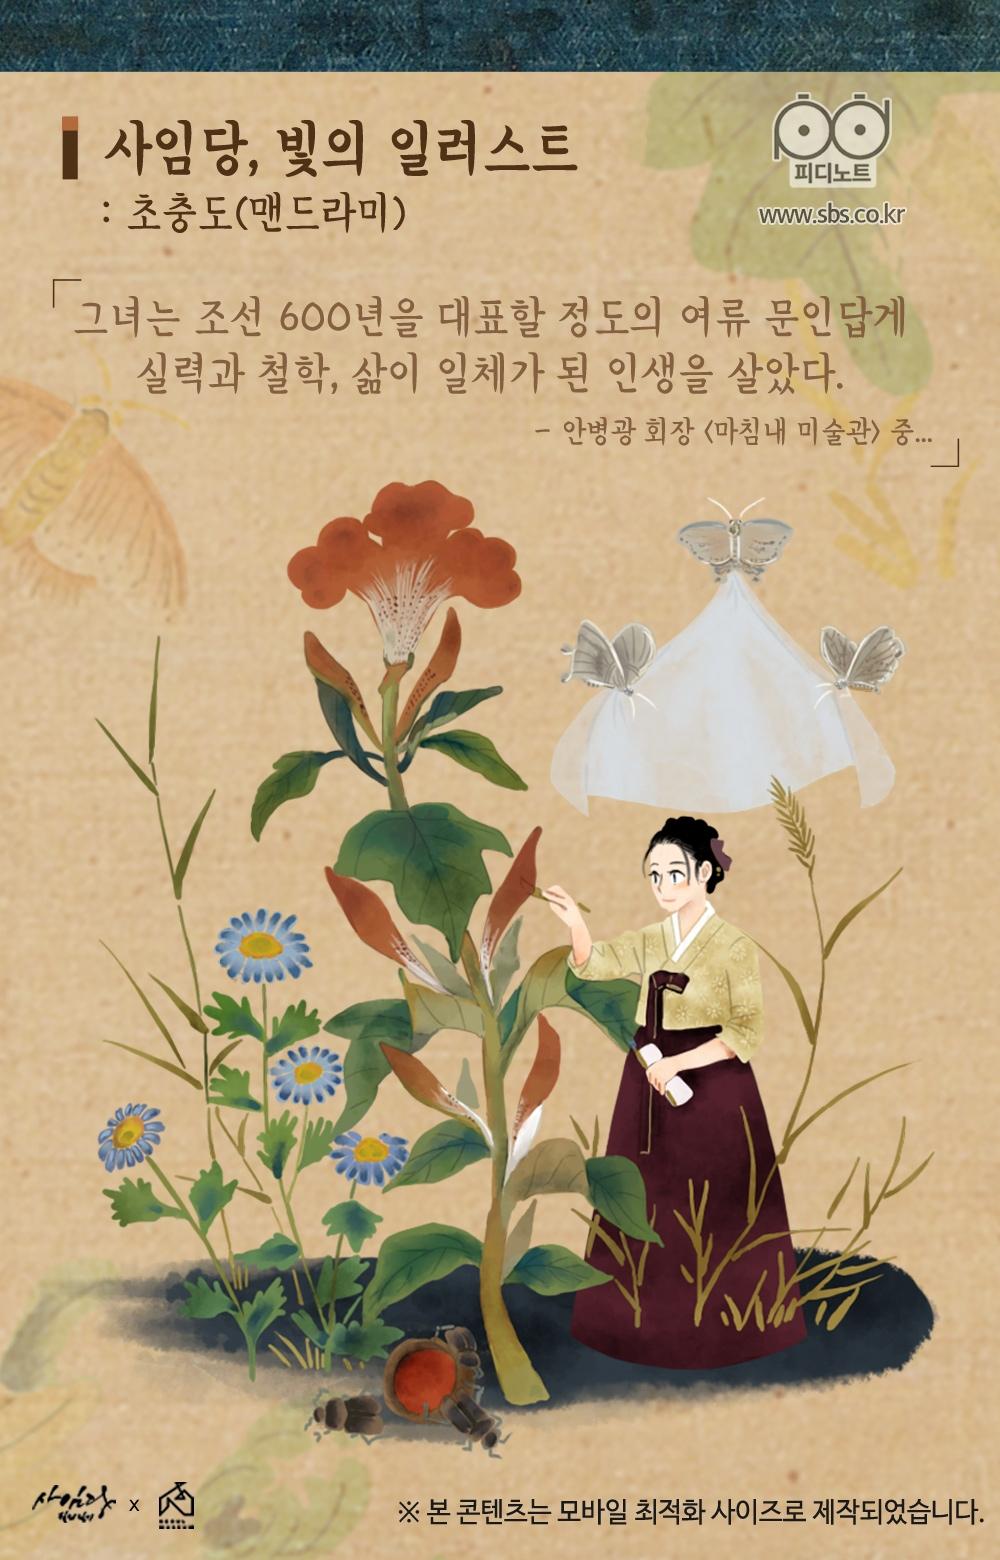 사임당, 빛의 일러스트, 초충도(맨드라미), 그녀는 조선 600년을 대표할 정도의 여류 문인답게 실력과 철학, 삶이 일체가 된 인생을 살았다.